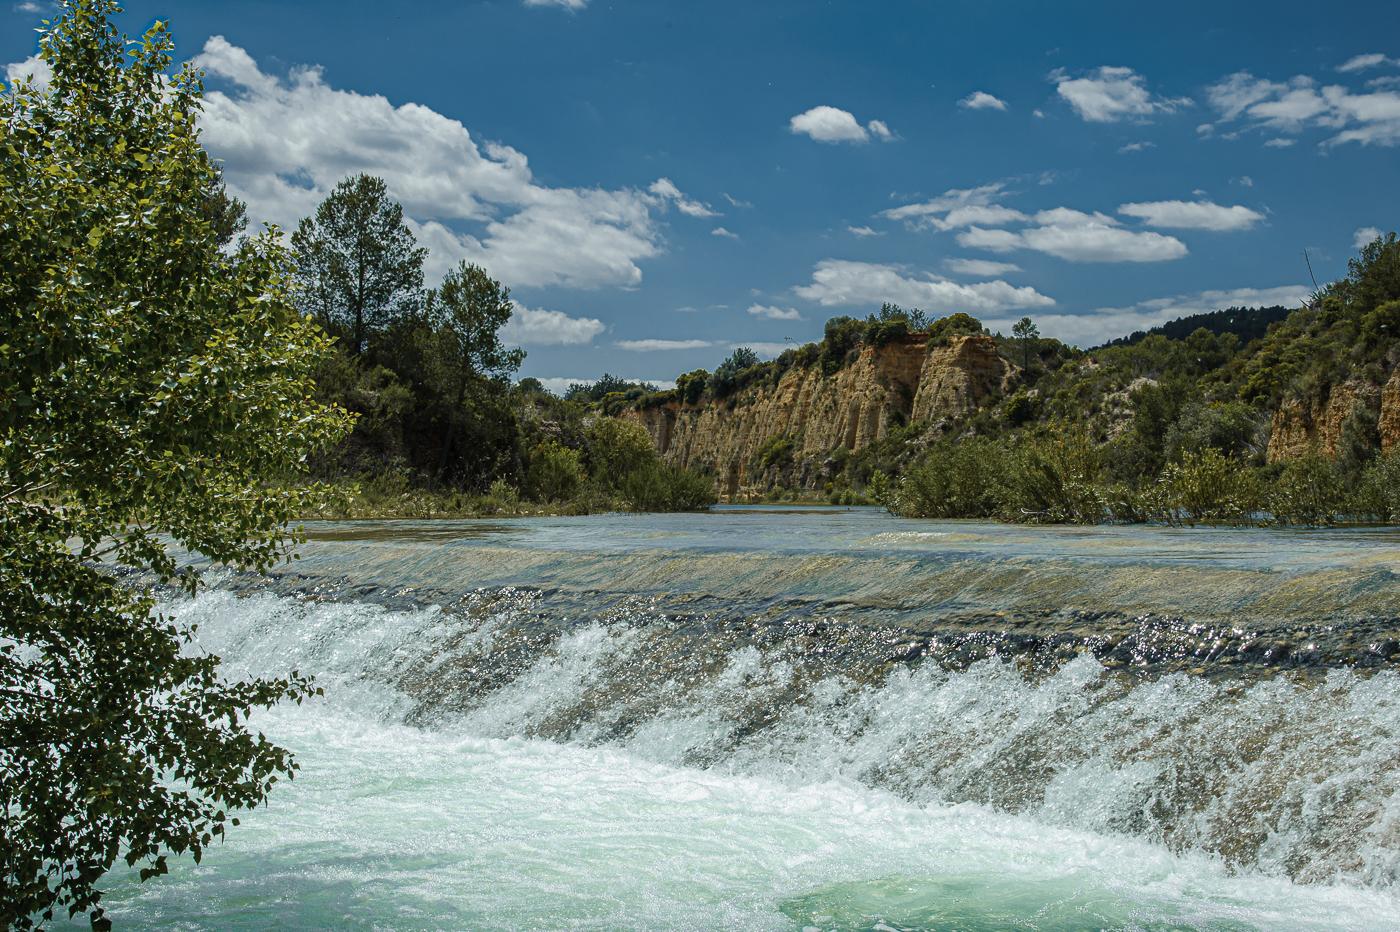 River at La Peiejanata